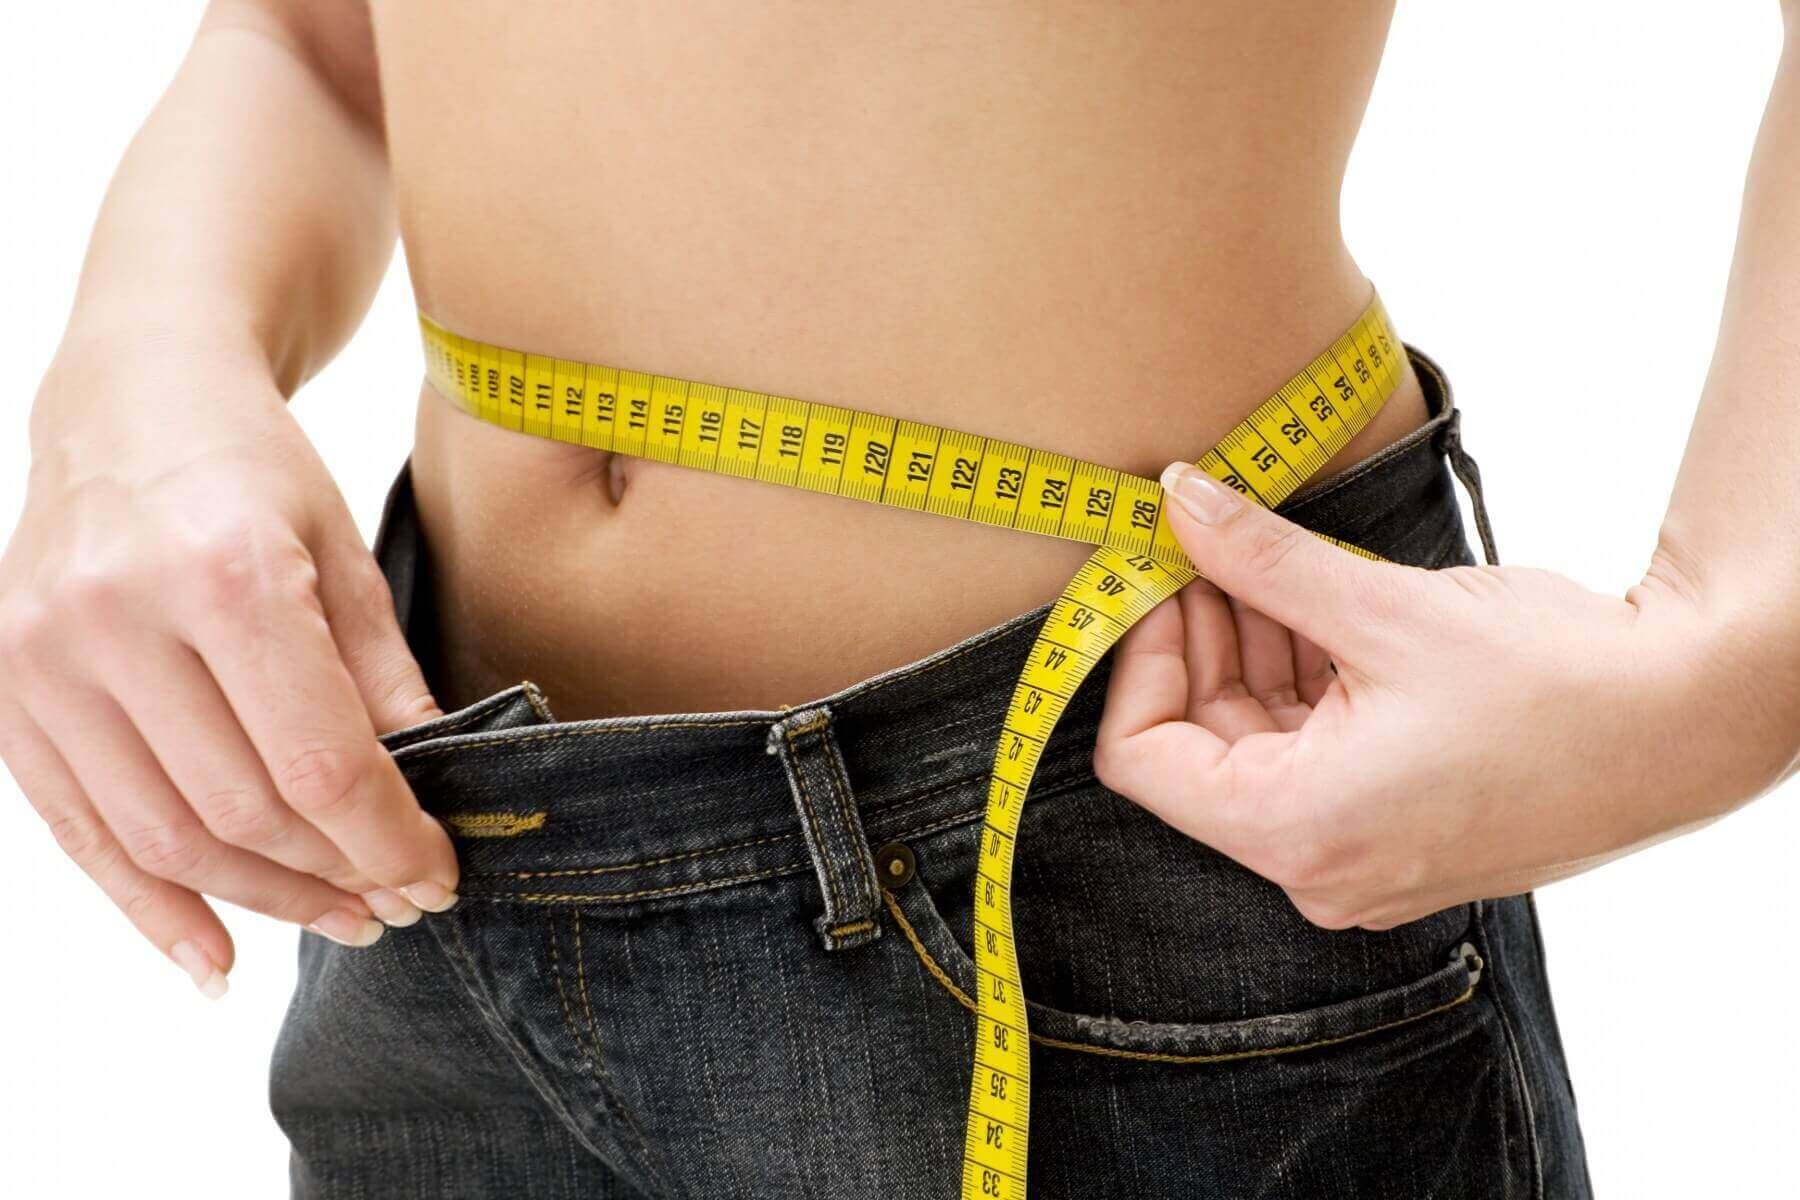 Munakoiso auttaa pudottamaan painoa.